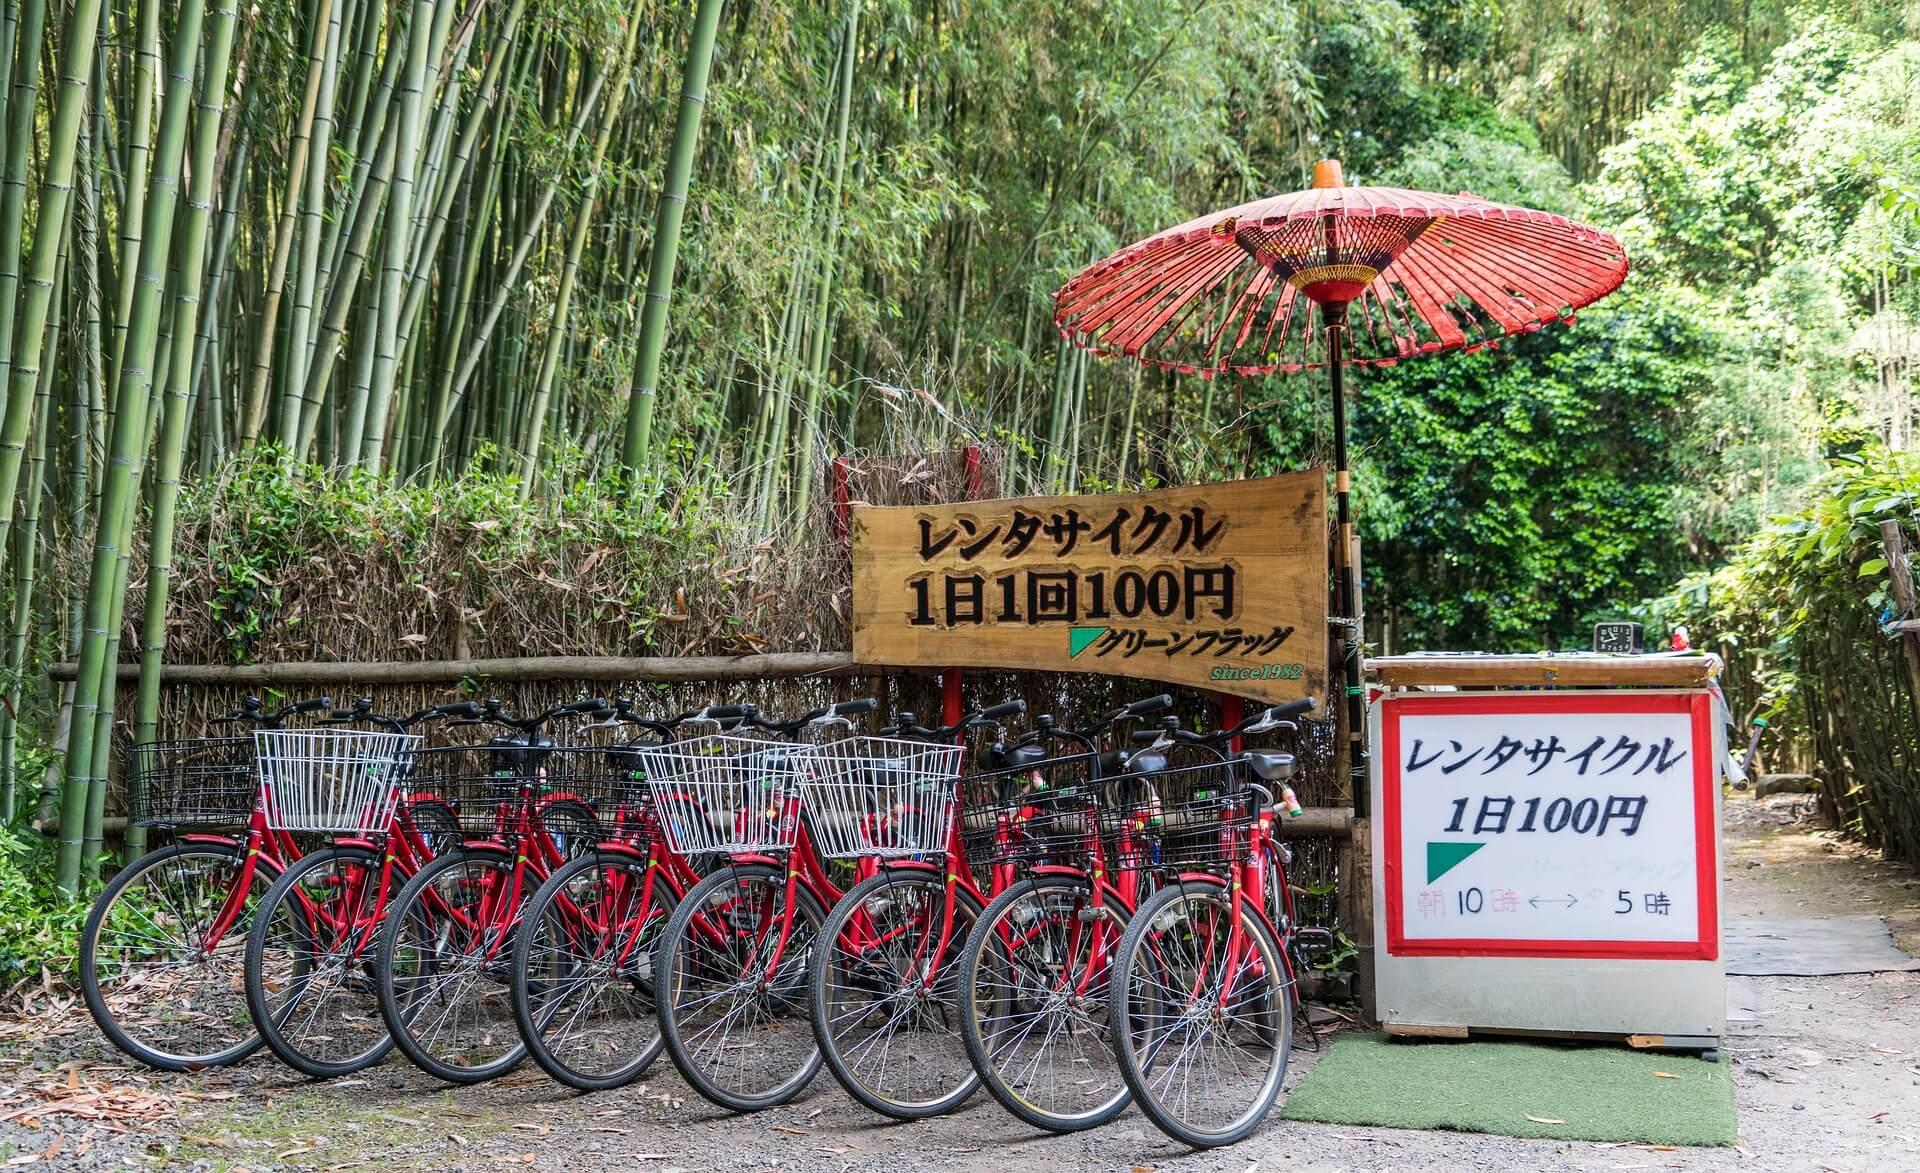 Drahtesel zum Leihen in der Hauptstadt Tokios